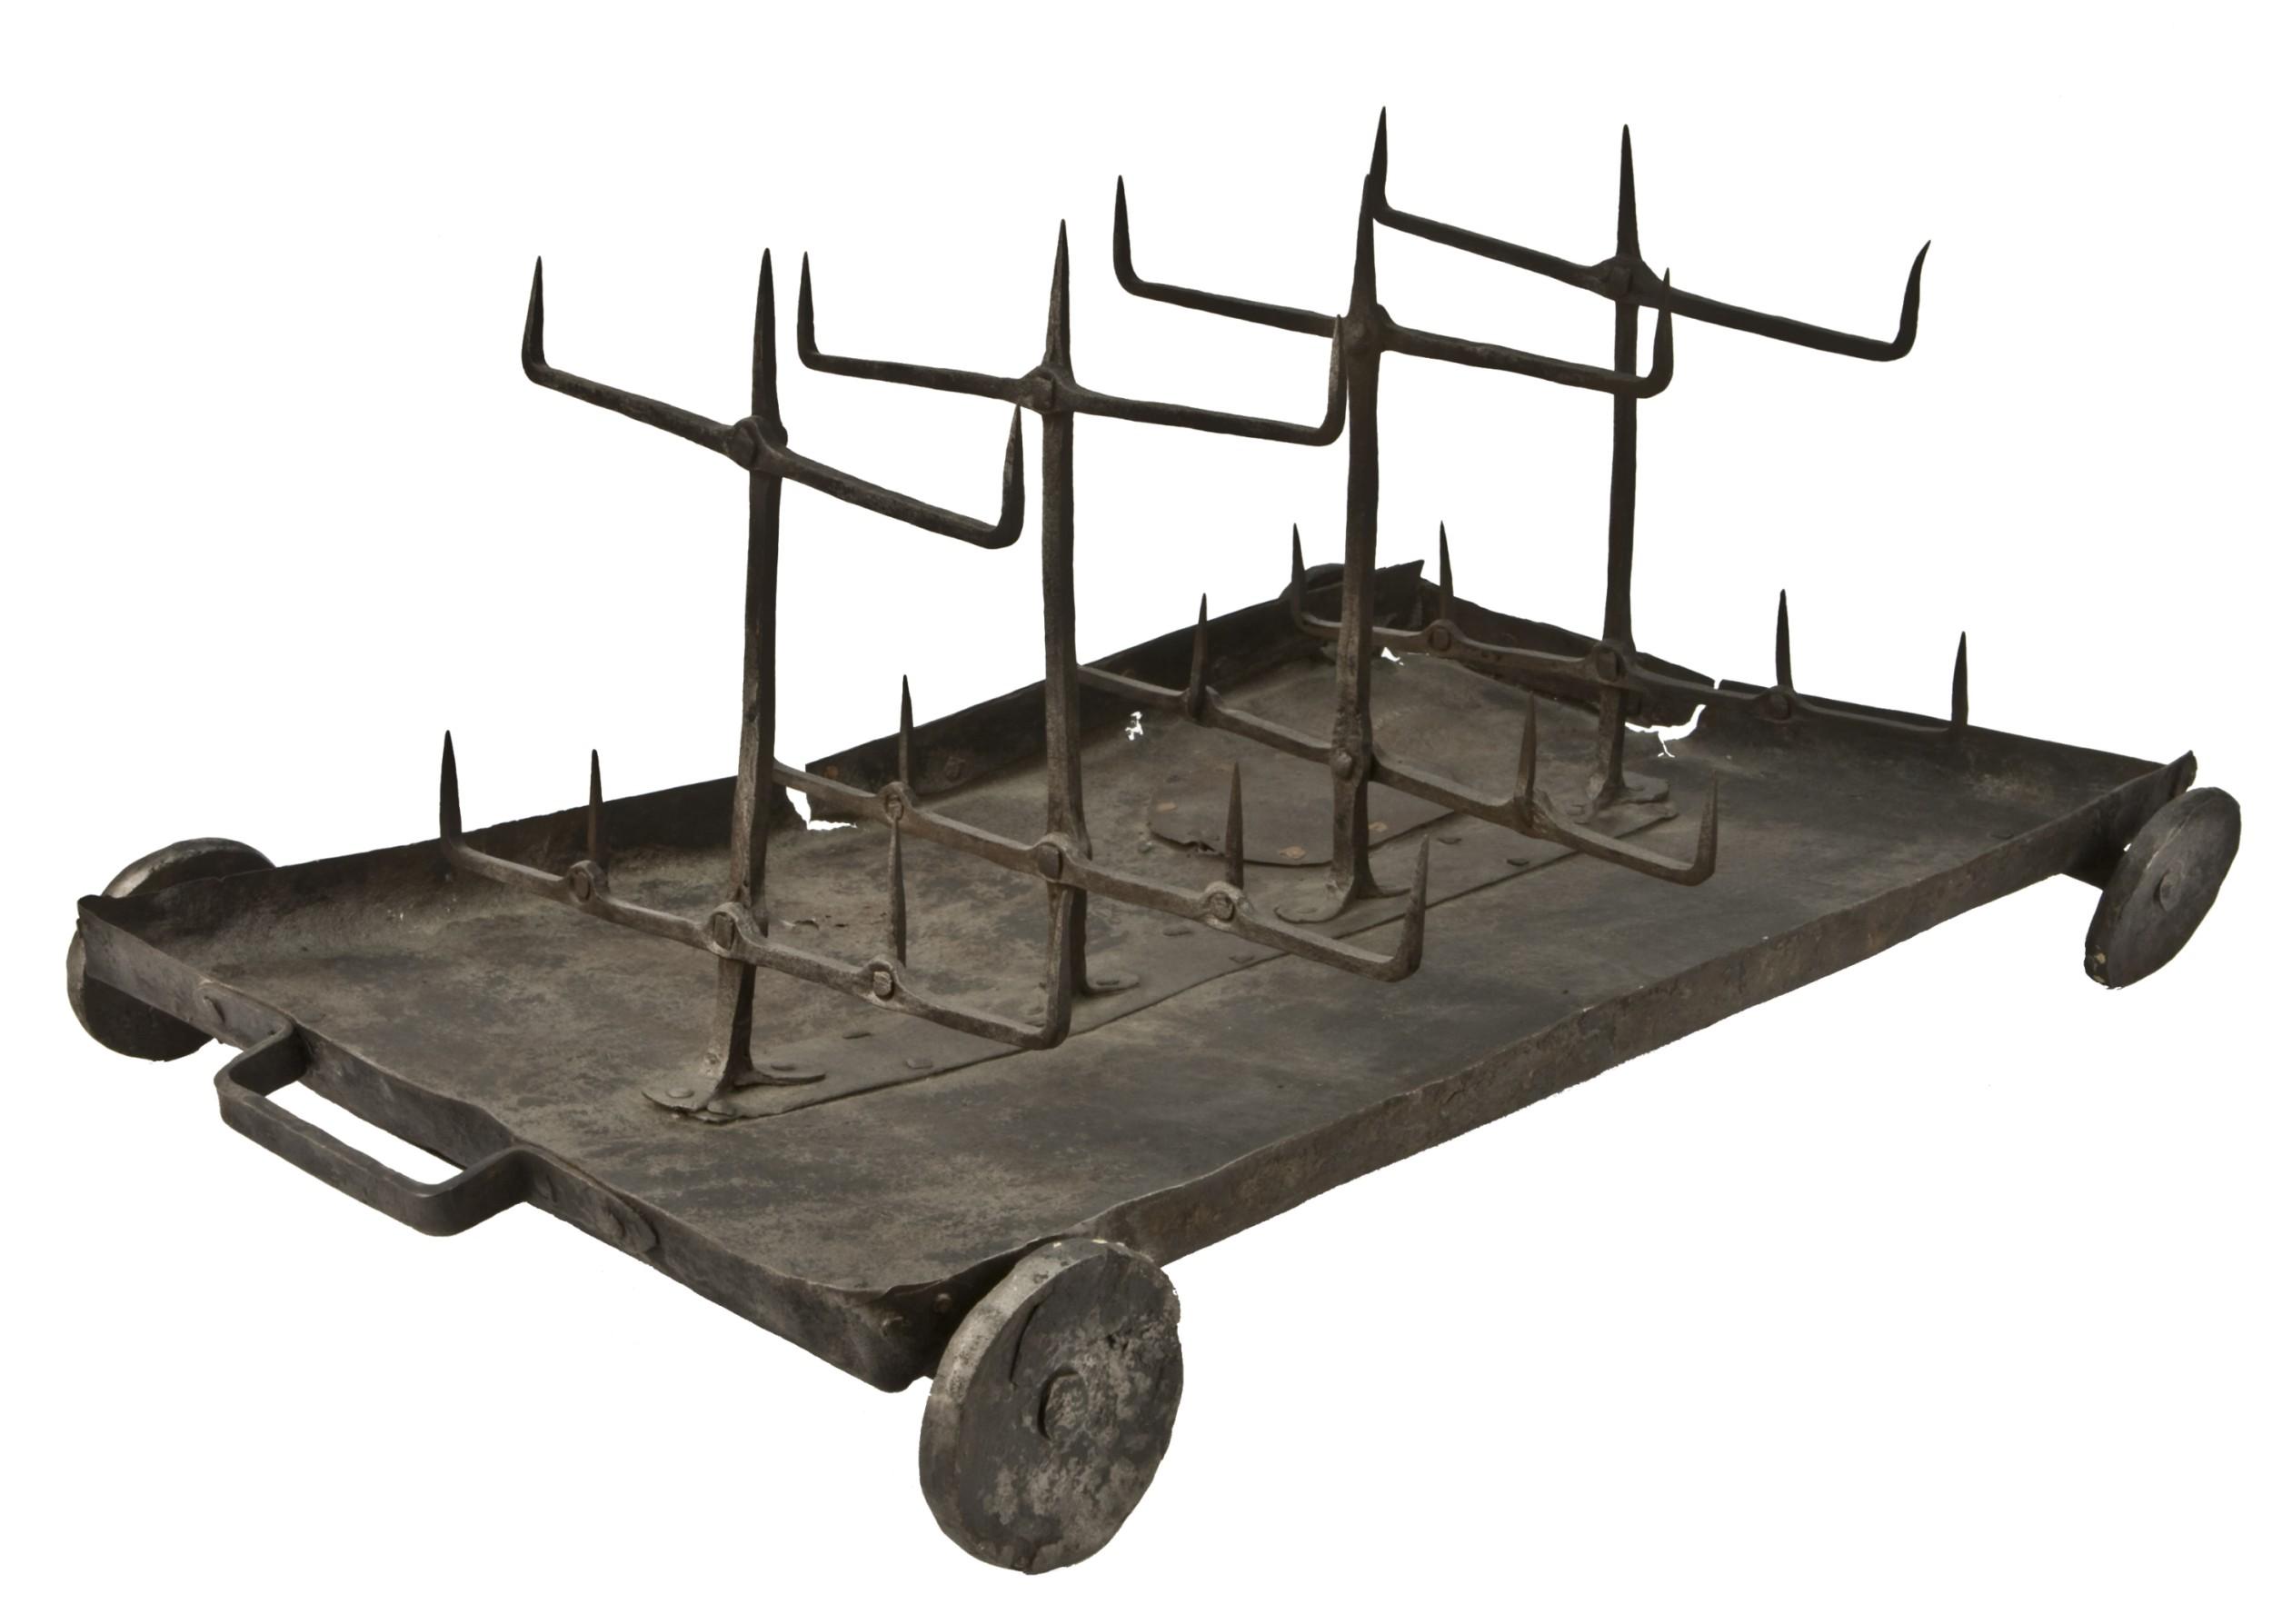 Das Foto zeigt eine Metallplatte auf kleinen Rädern, auf der Spieße montiert sind.